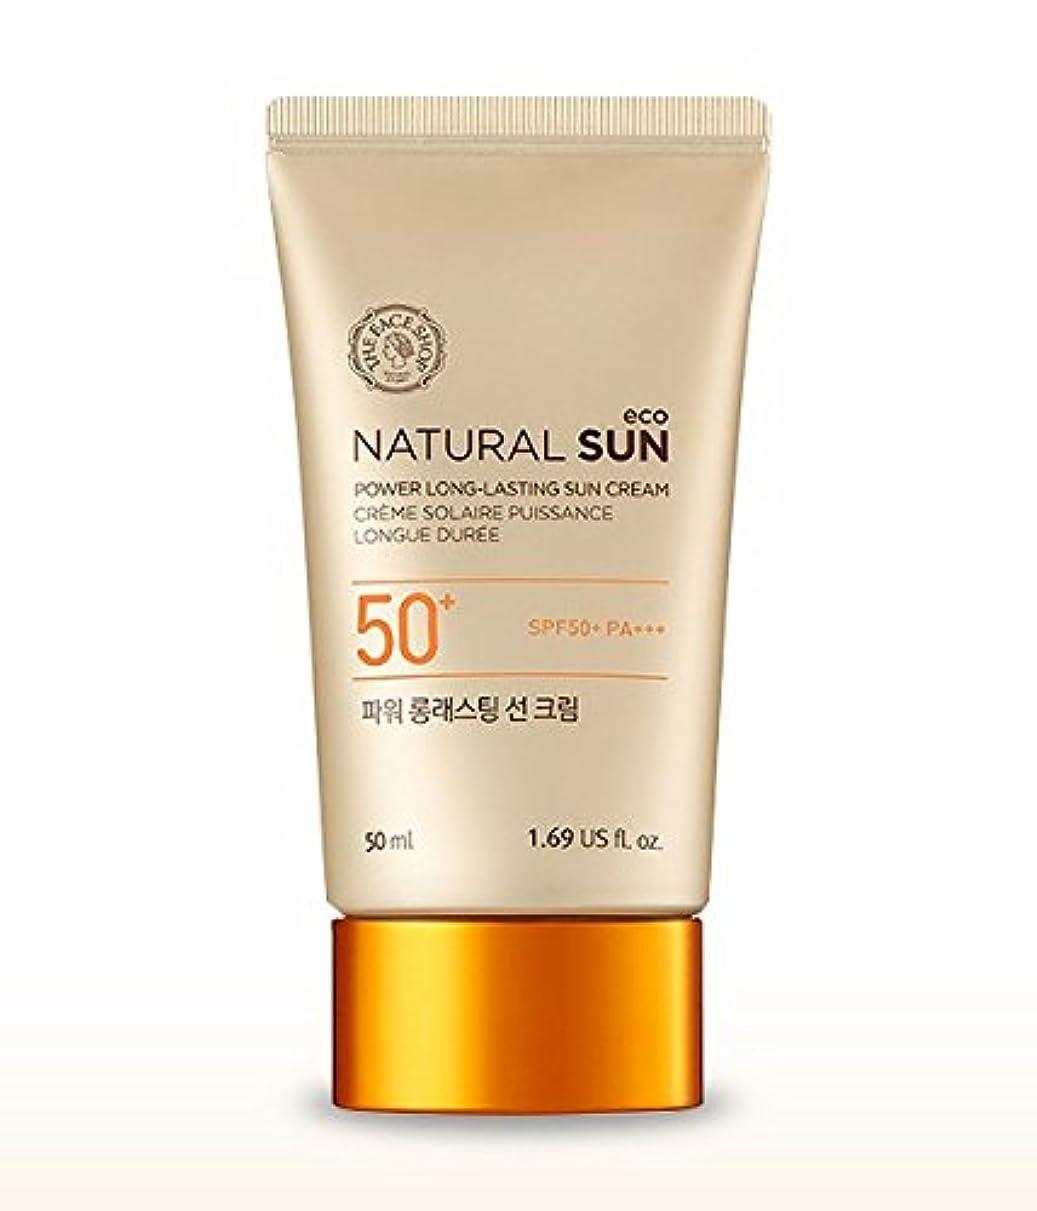 飼いならす影響力のあるに向かってTHE FACE SHOP Natural Sun Eco Power Long Lasting Sun Cream 50mlザフェイスショップ ナチュラルサンパワーロングラスティングサンクリーム [並行輸入品]